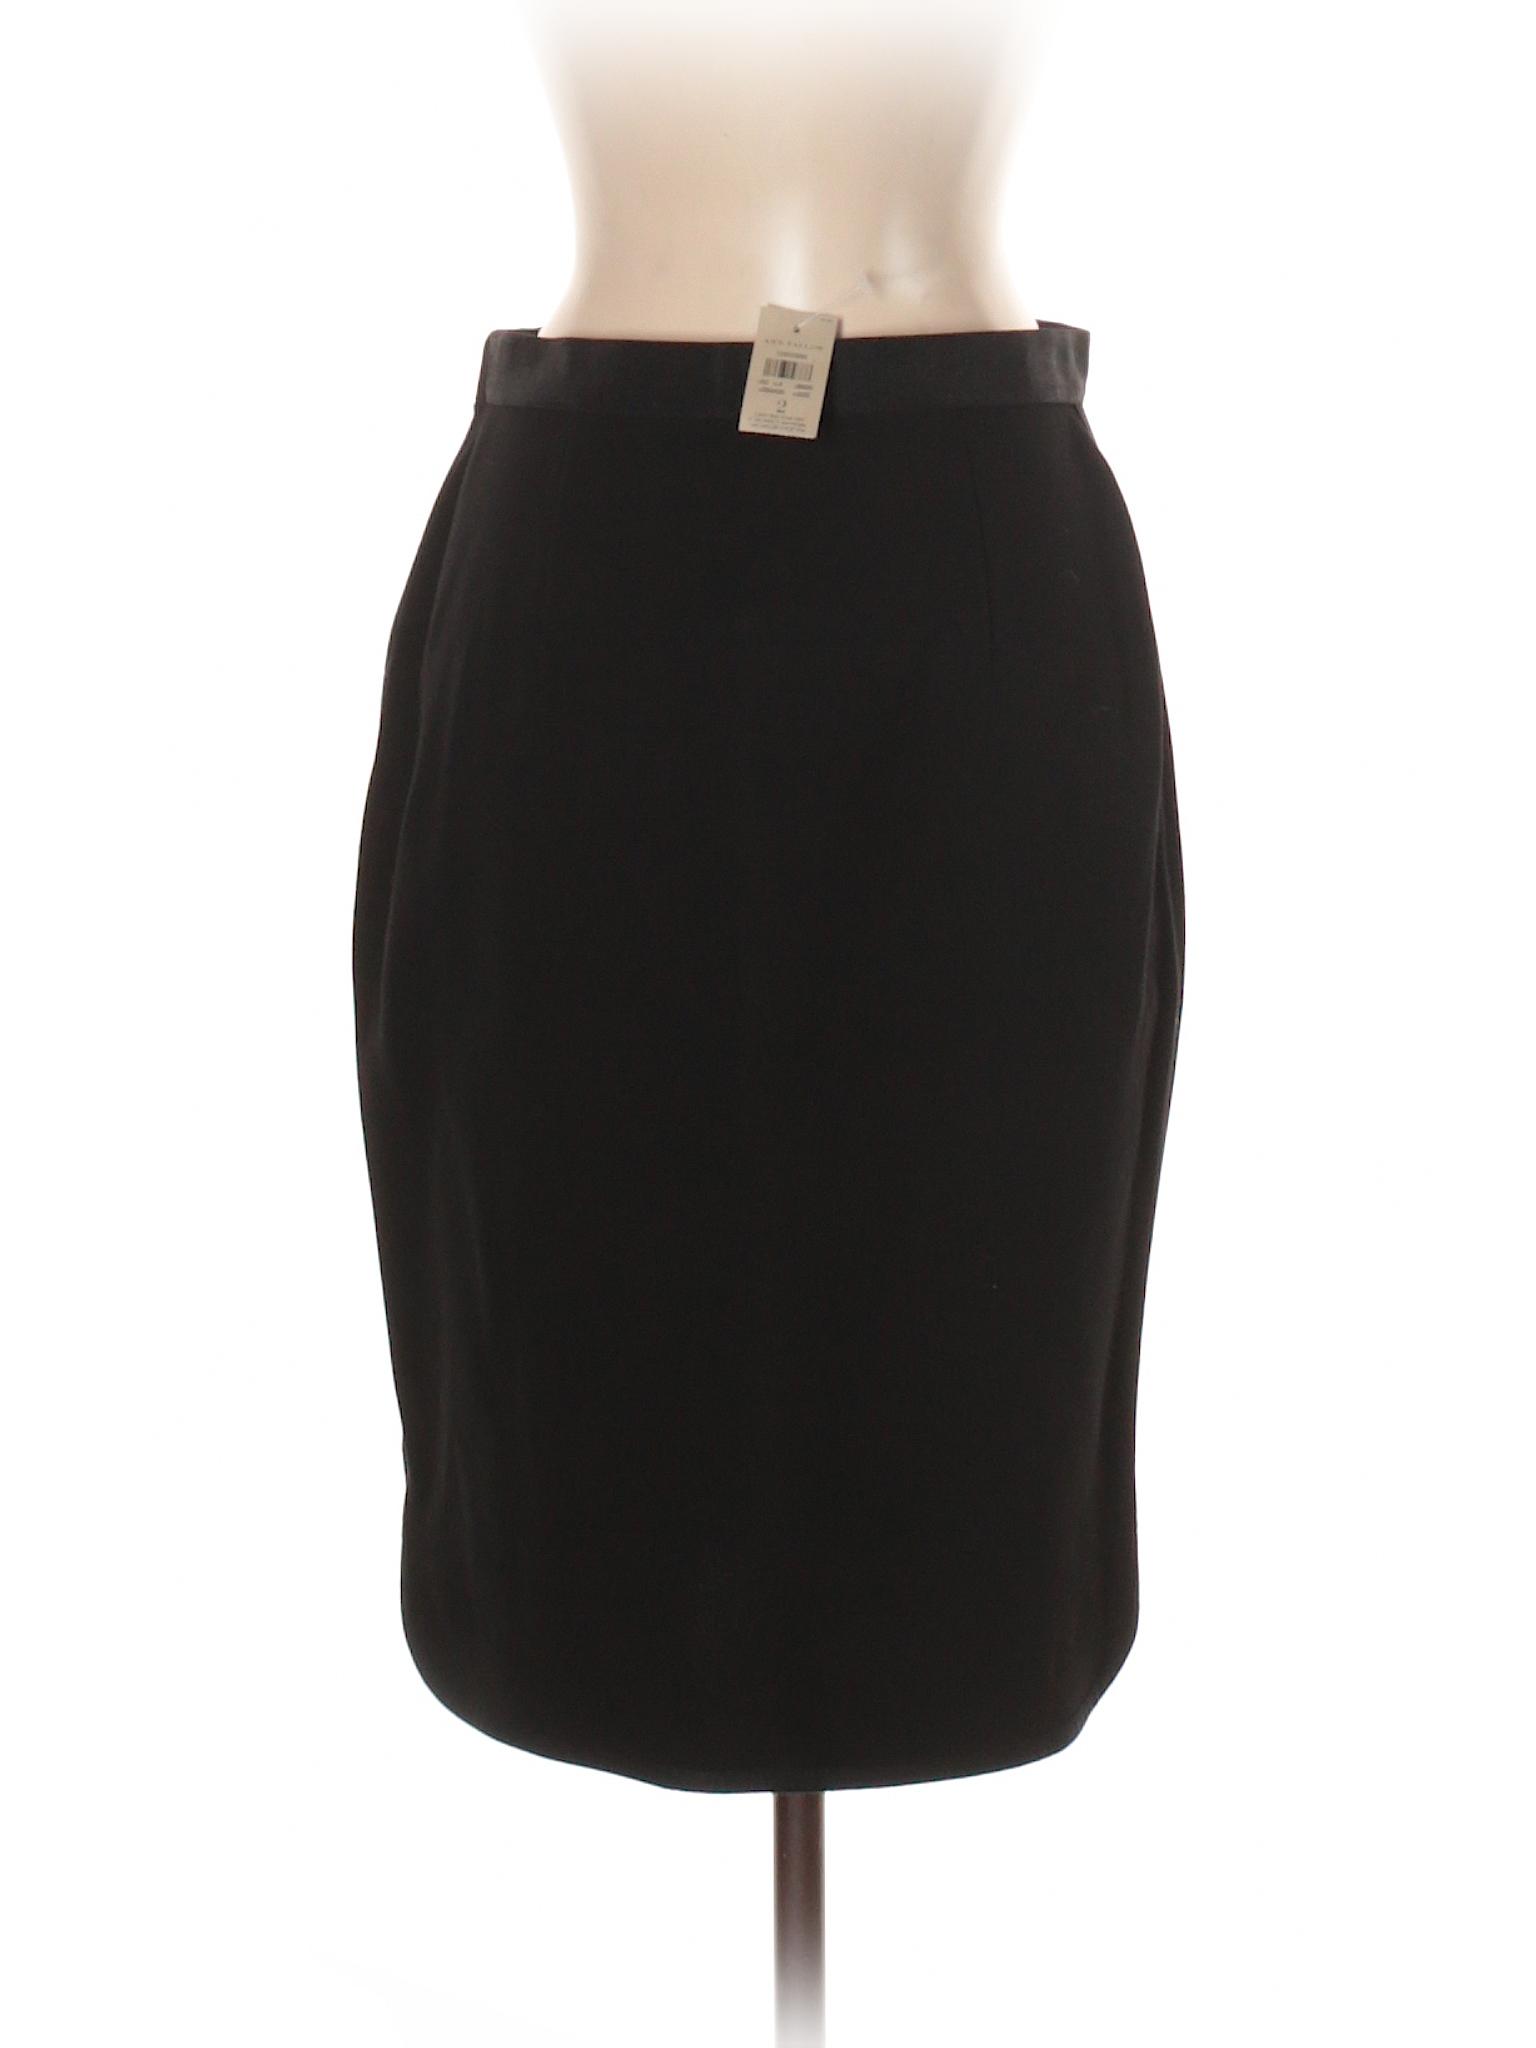 Boutique Casual Boutique Skirt Casual vH1vxr0